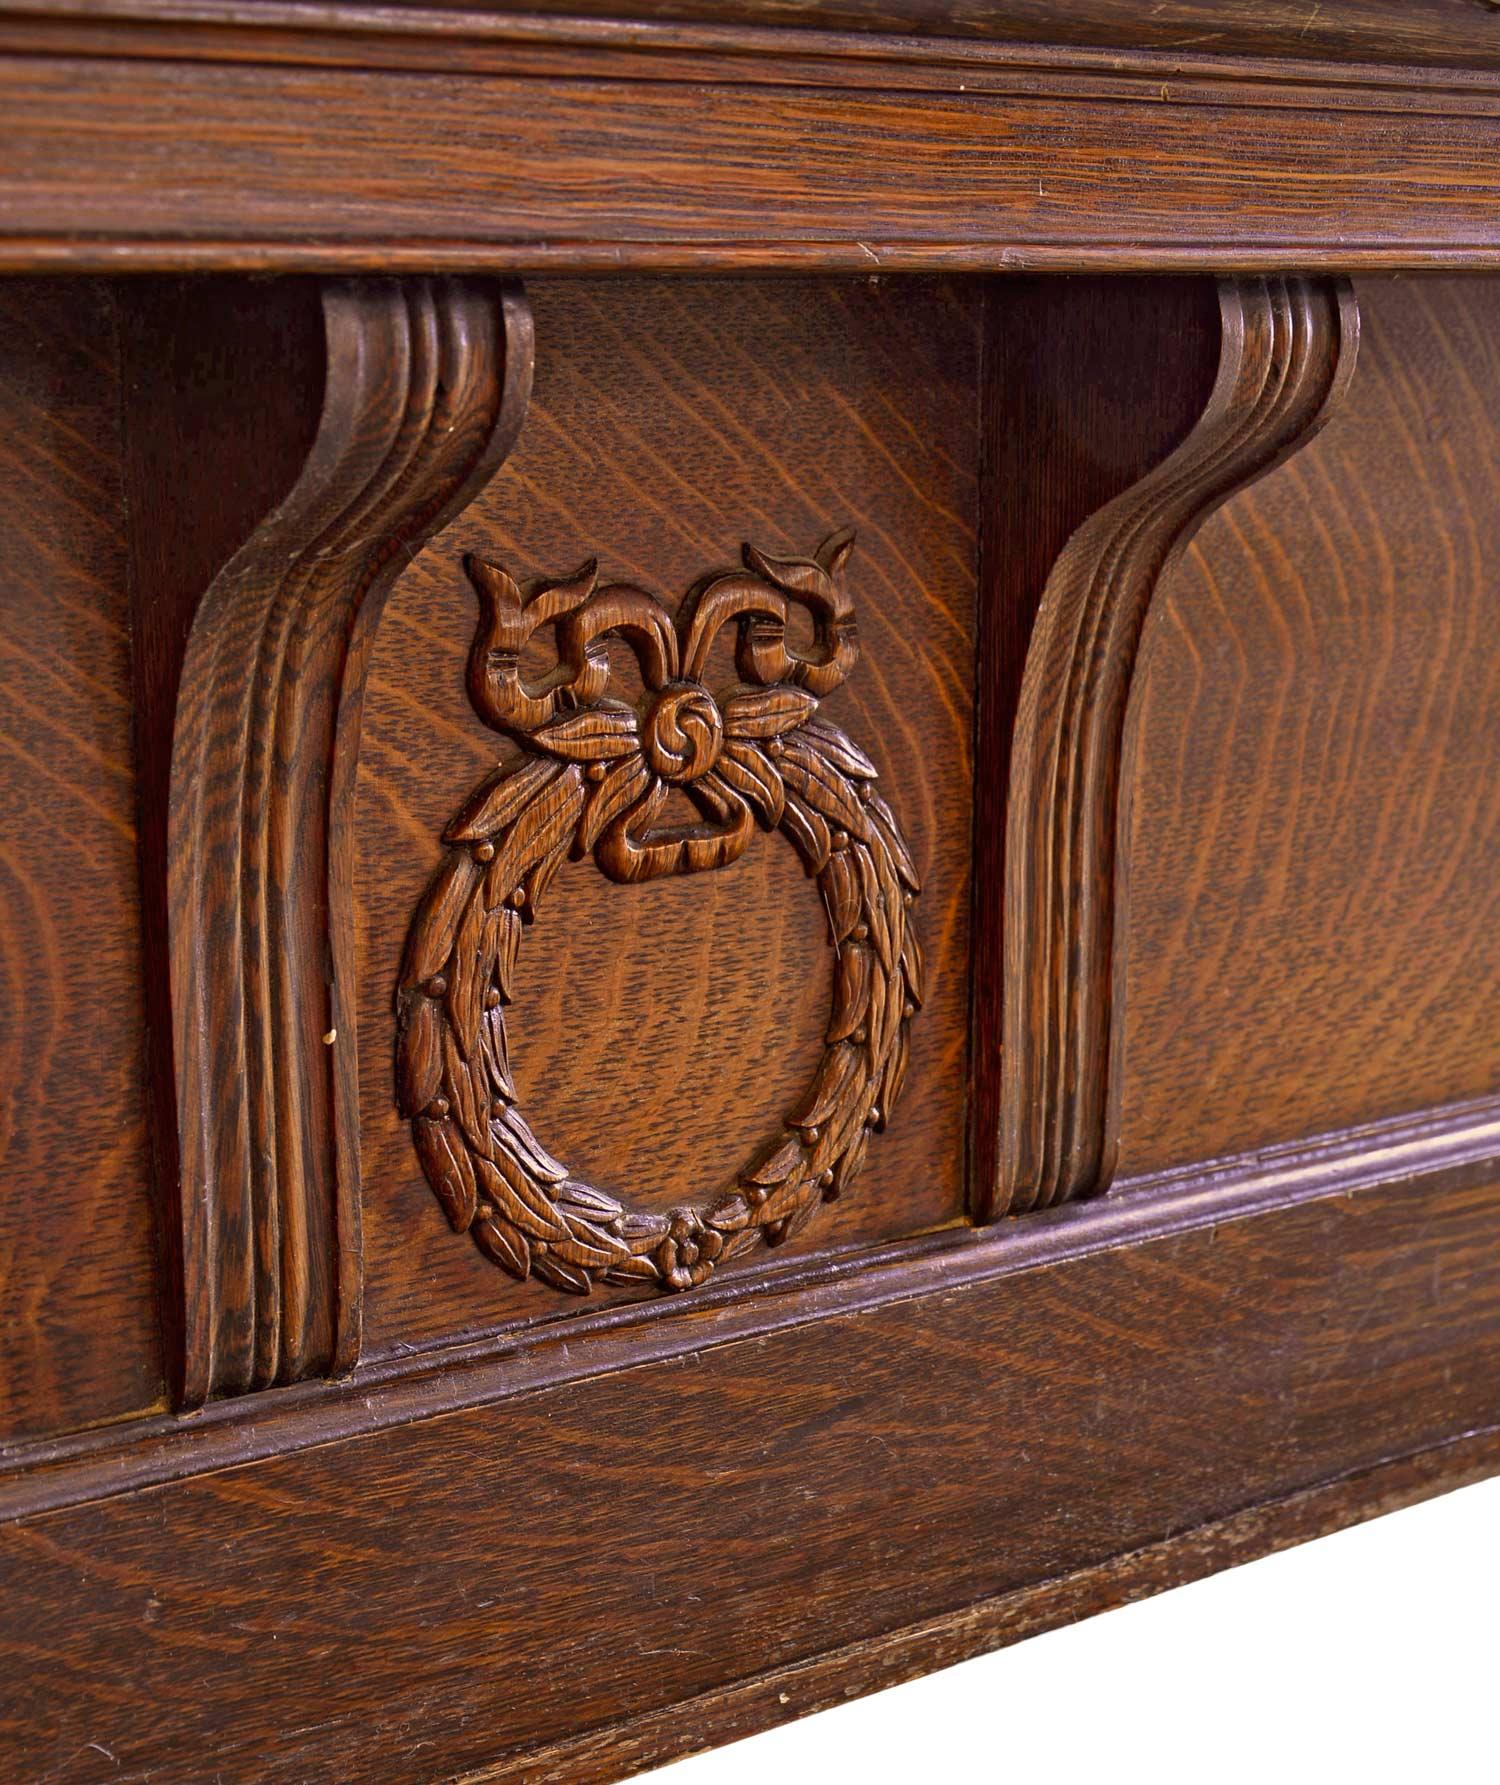 46007-oak-pier-mirror-wreath-detail.jpg